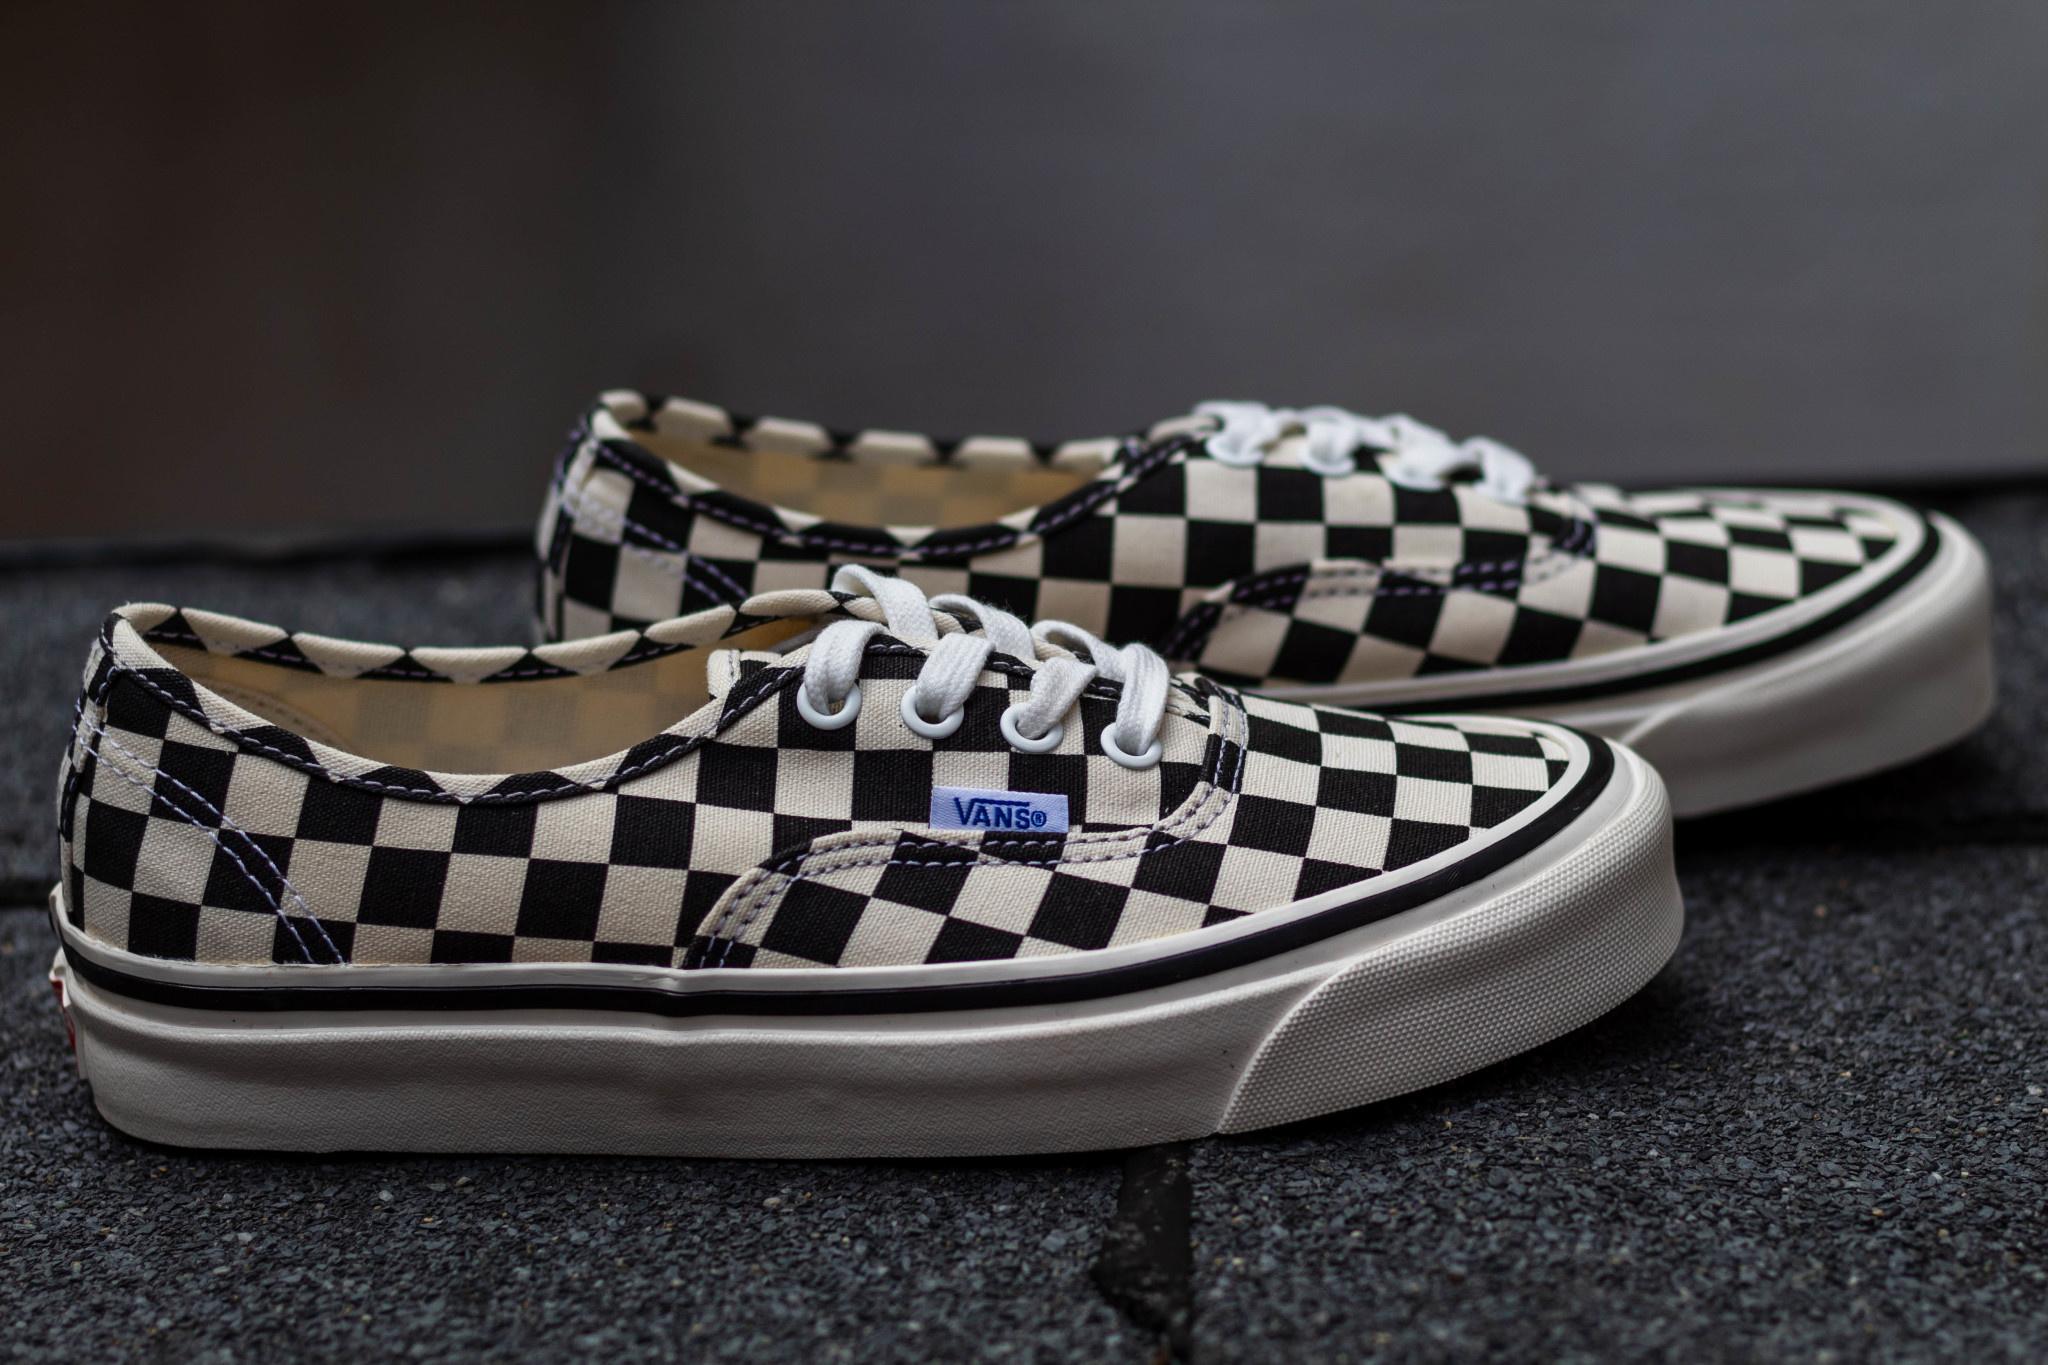 VANS AUHTENTIC 44 DX (Anaheim factory) Black/Checkerboard